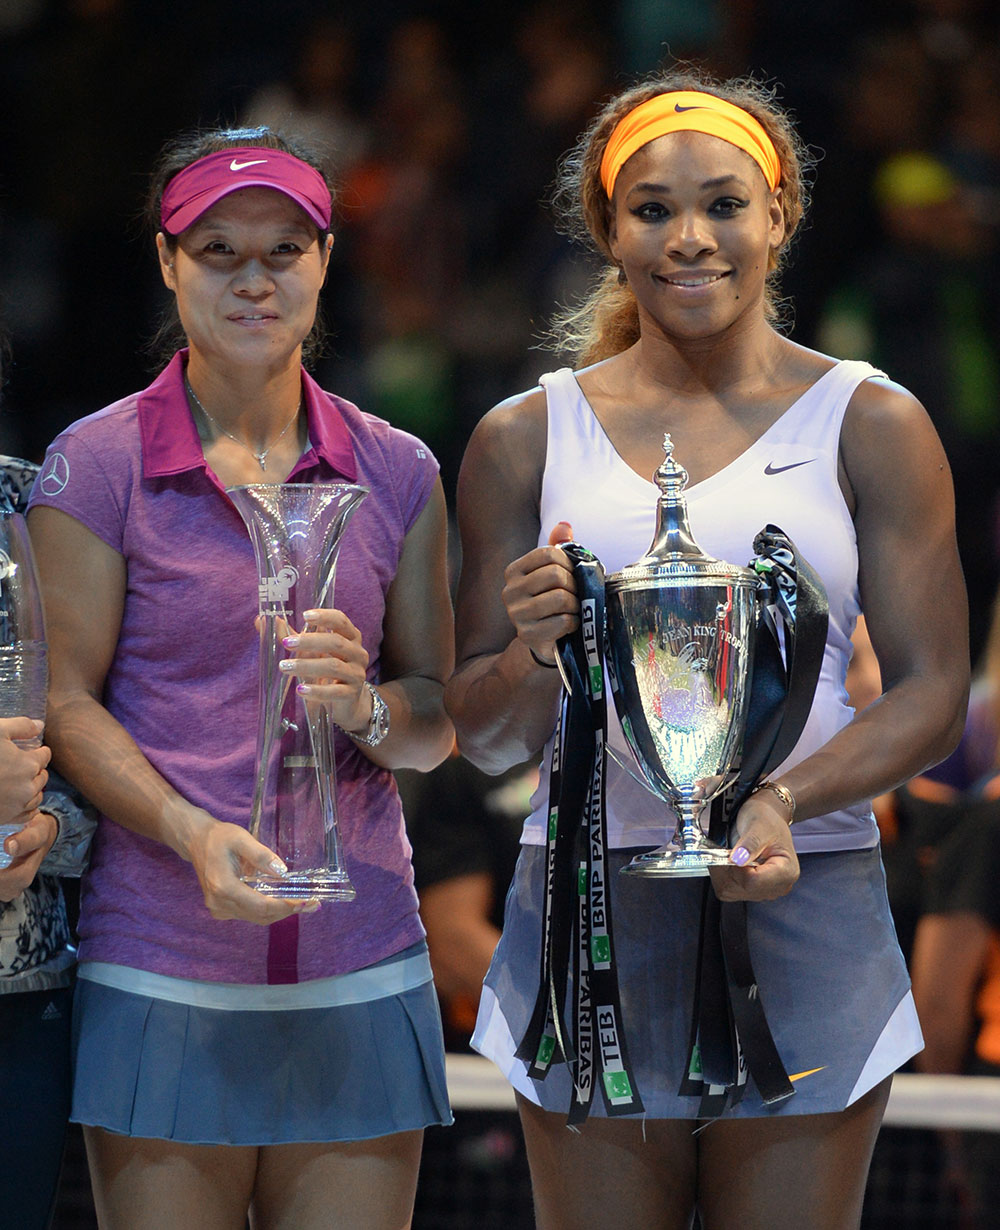 इस्तांबुल में WTA चीन की ली ना को हराने के बाद अमेरिकी की सेरेना विलियमस्त विजेता ट्रॉफी के साथ।